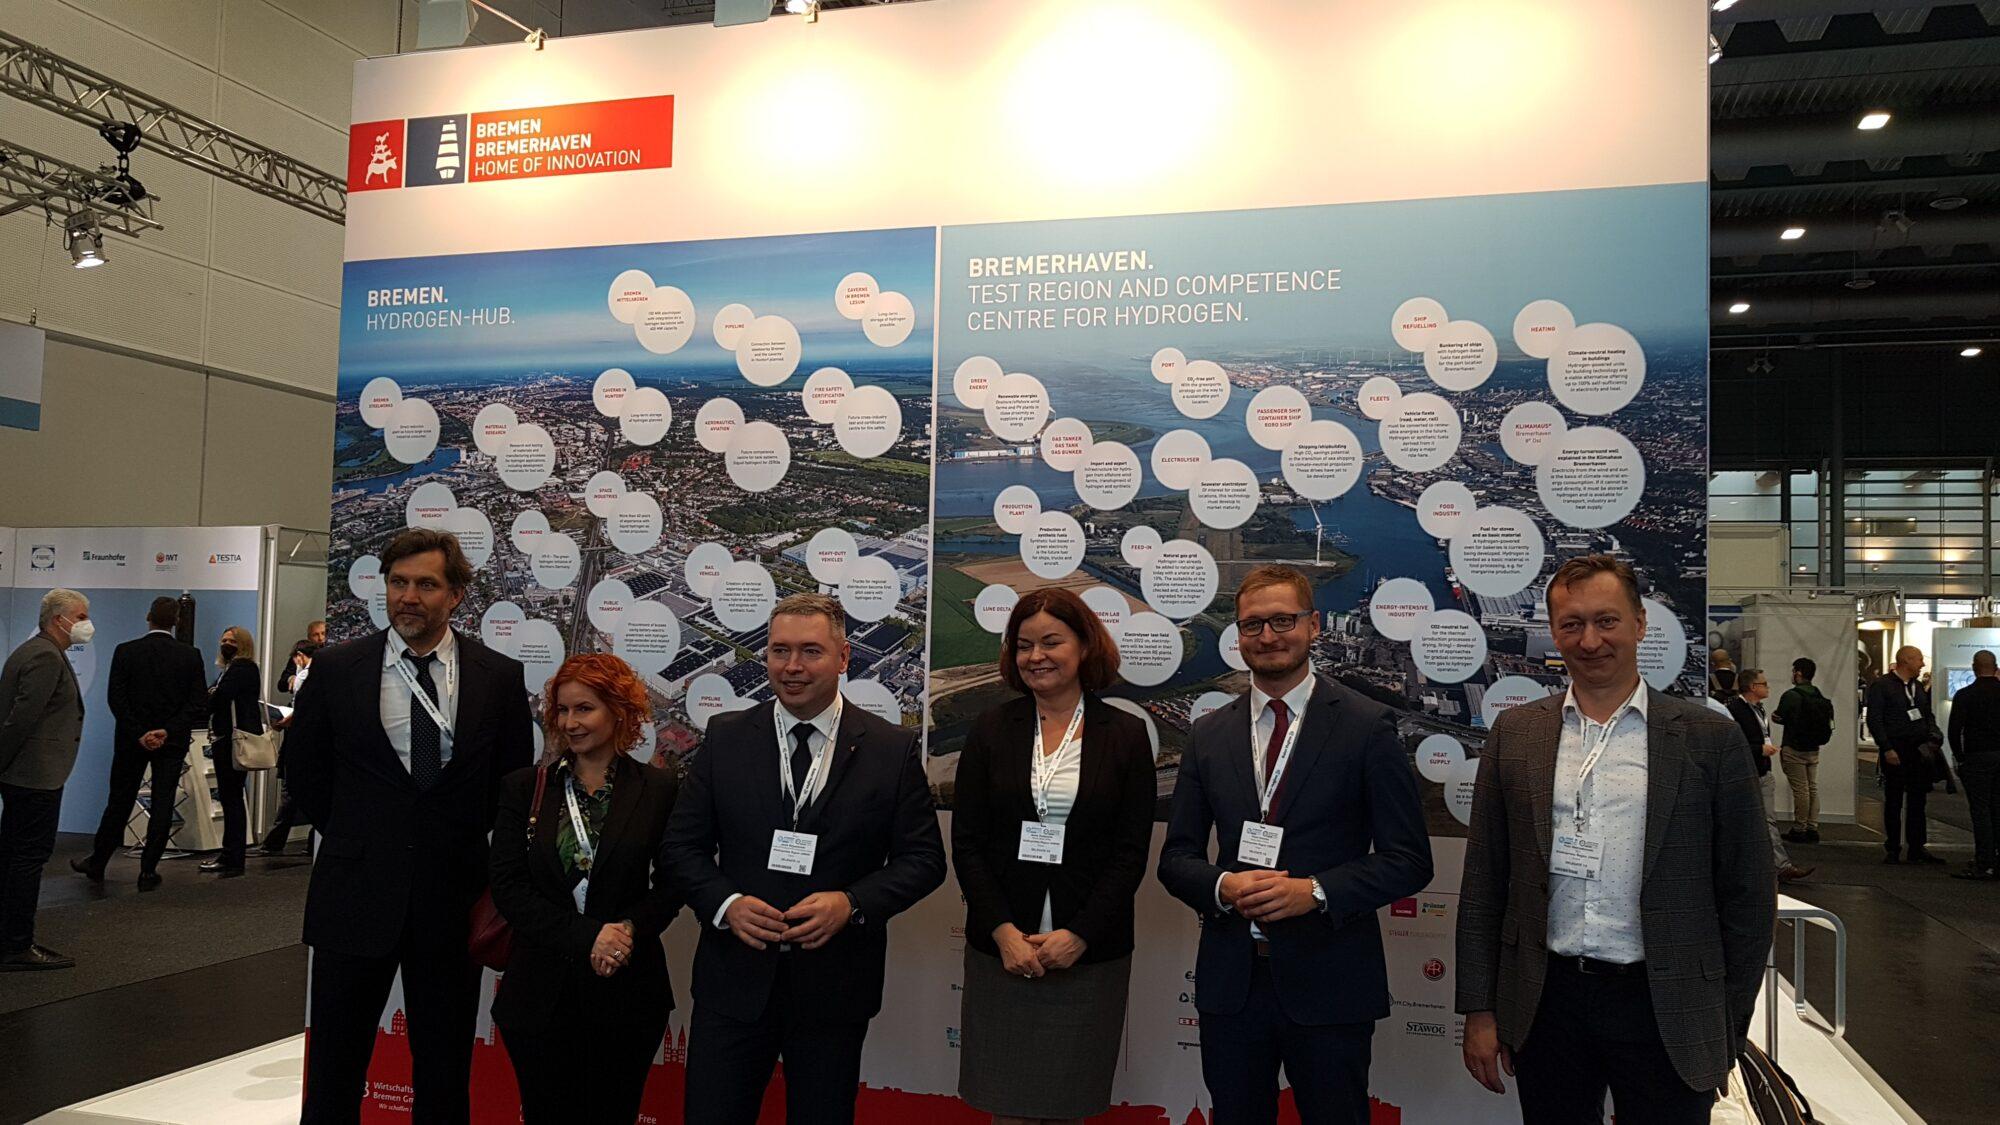 Członkowie wielkopolskiej delegacji na targach Hydrogen Technology Expo Europe